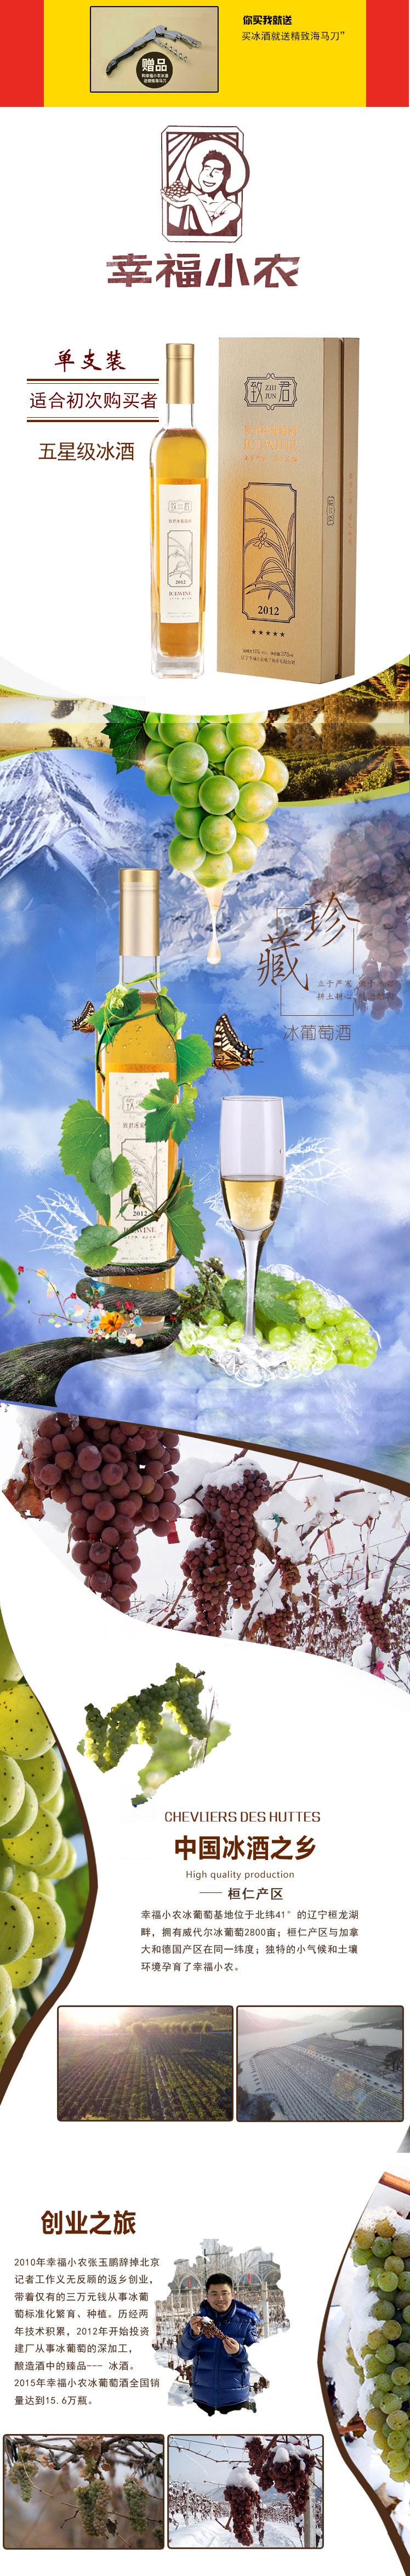 幸福小农 致君五星级冰酒  冰葡萄酒375ml* 葡萄酒中极品  2瓶包邮